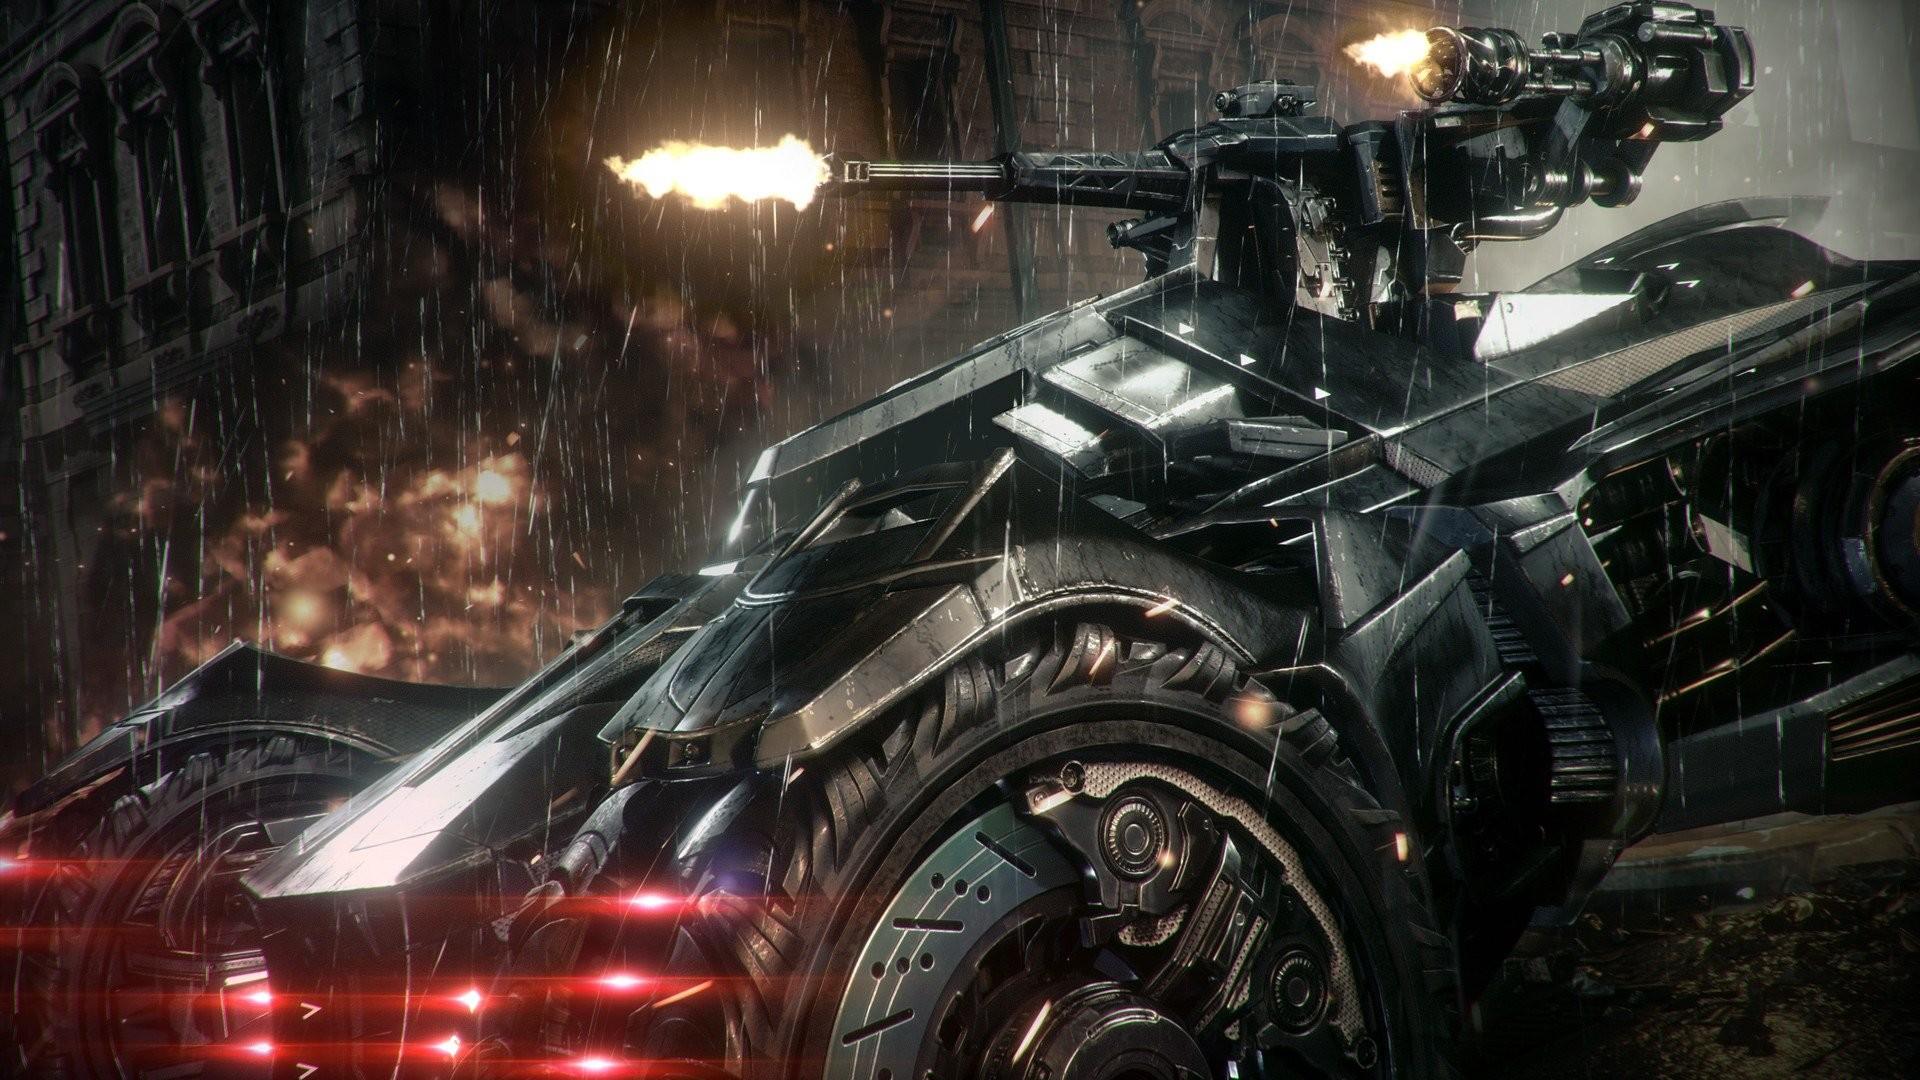 Batman Arkham Knight HD desktop wallpaper High Definition